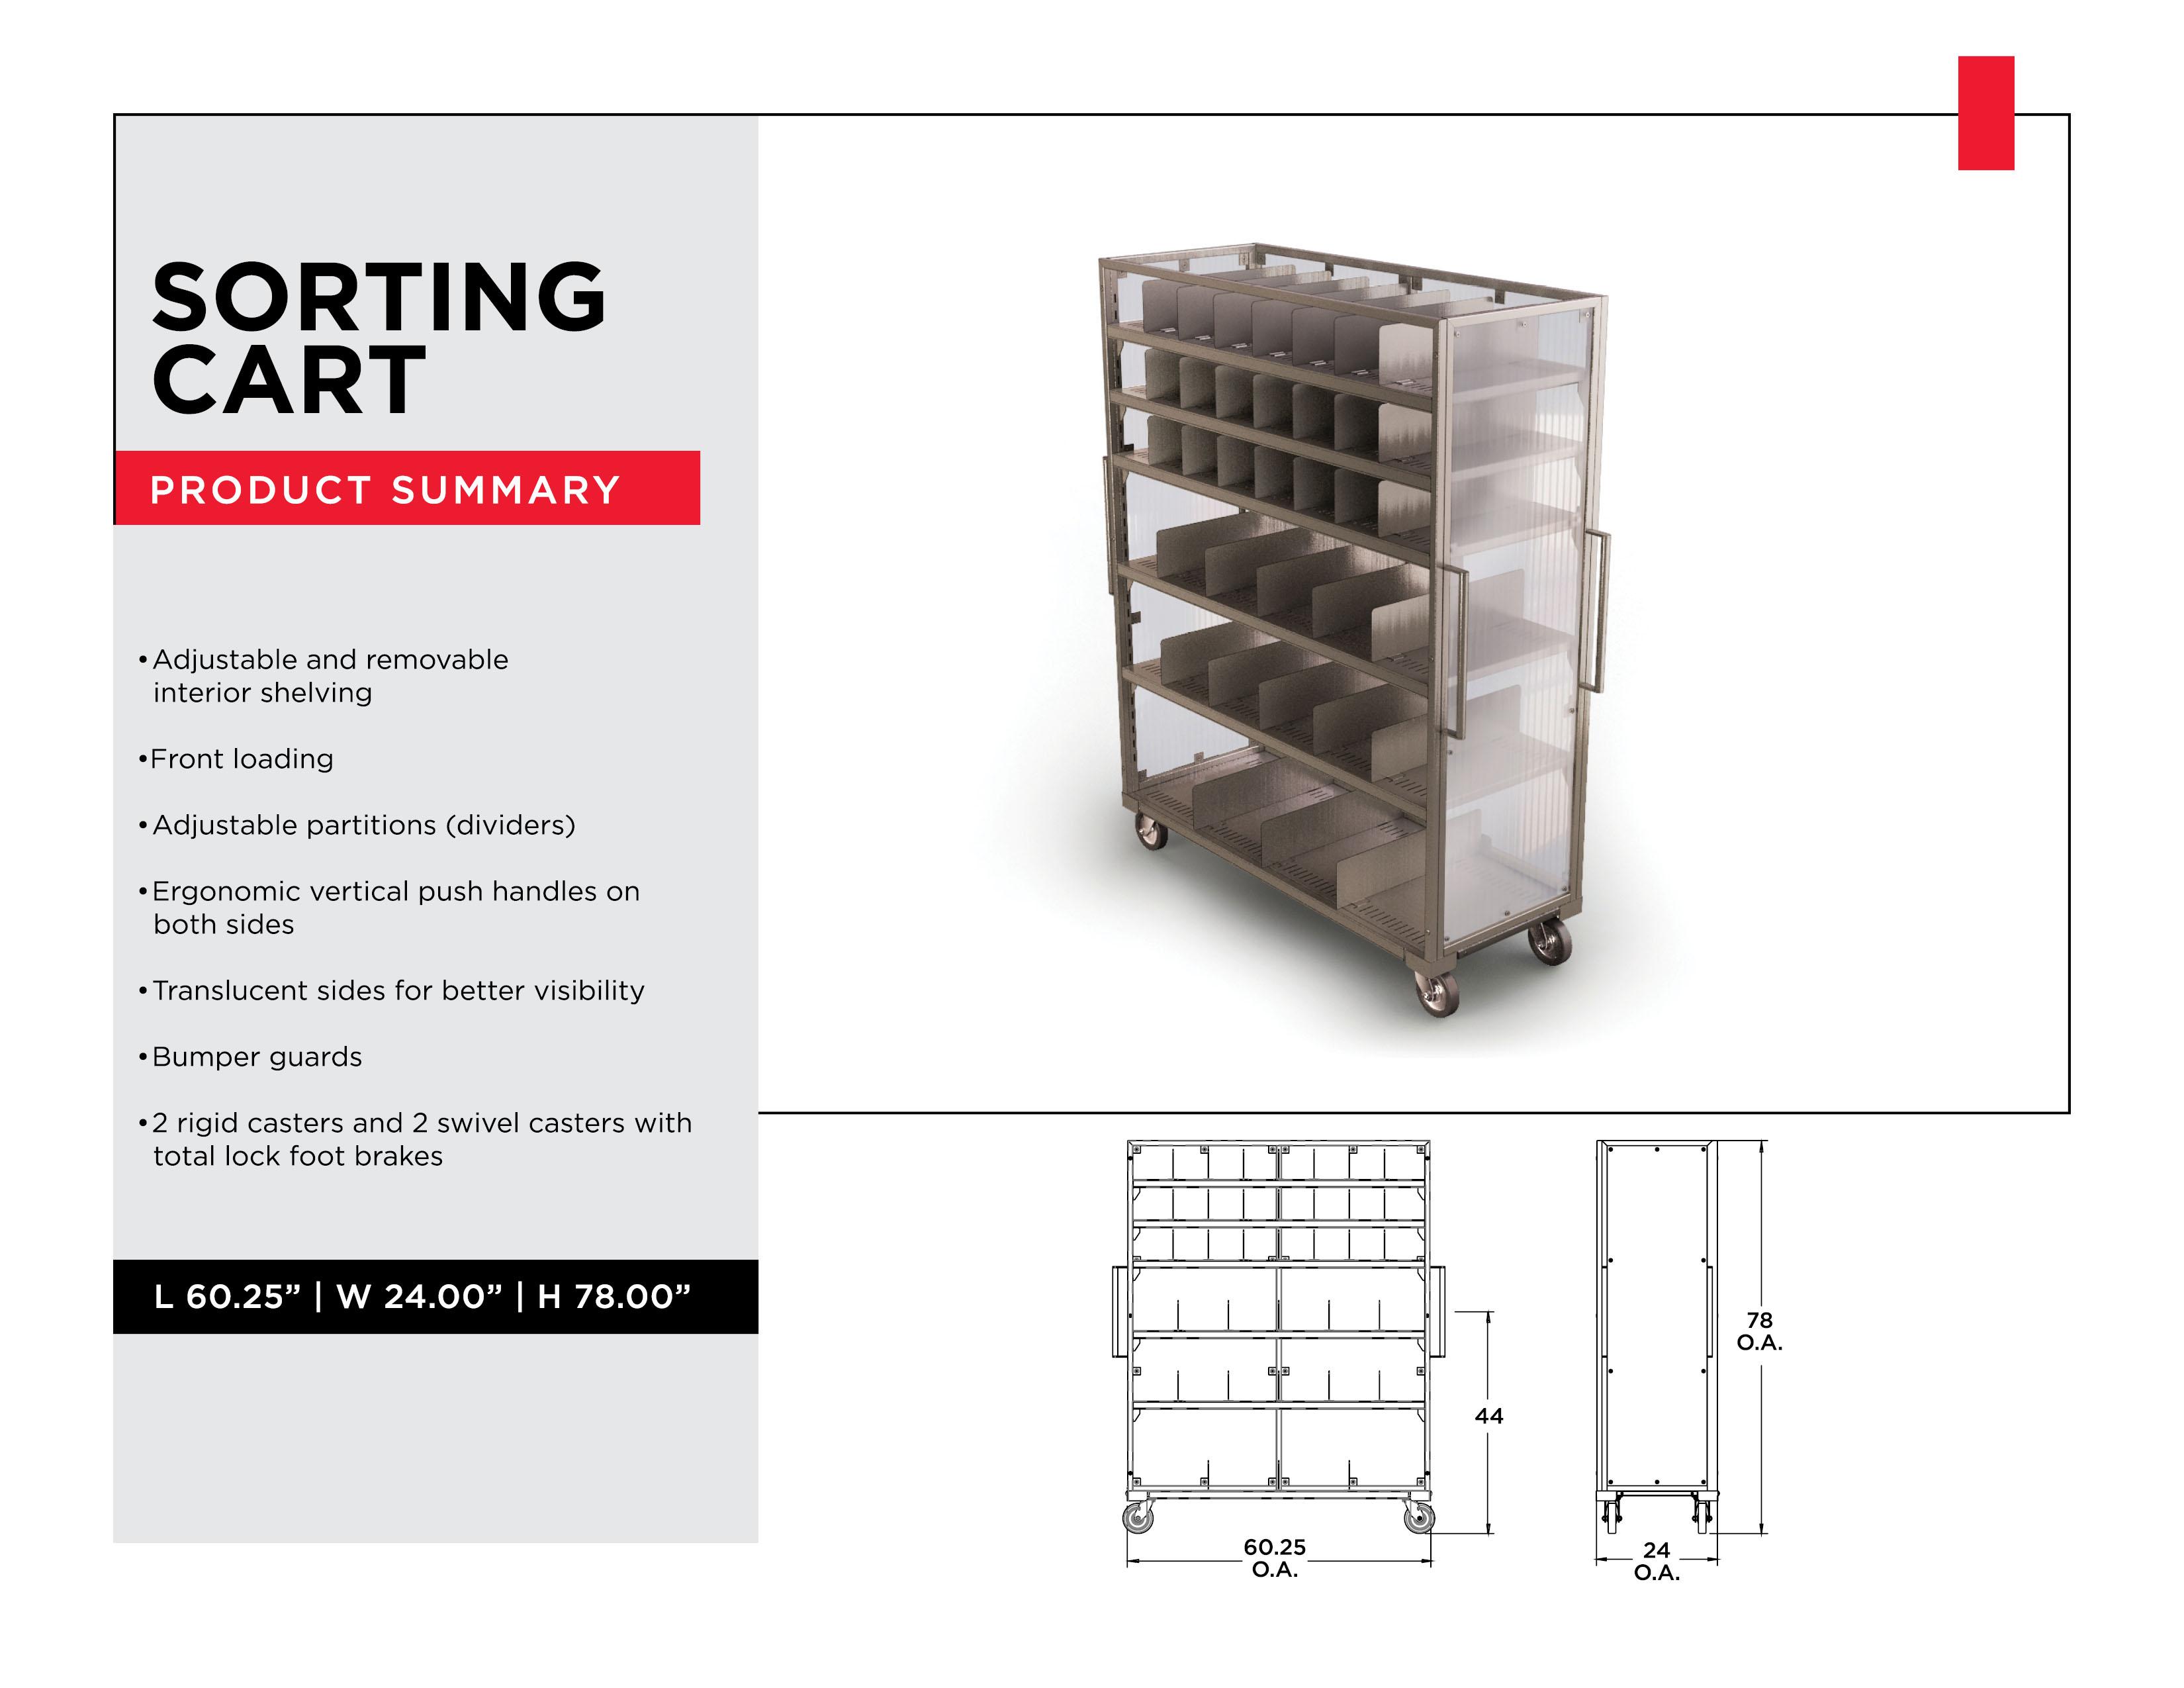 Industrial Sorting Carts: Sorting Cart